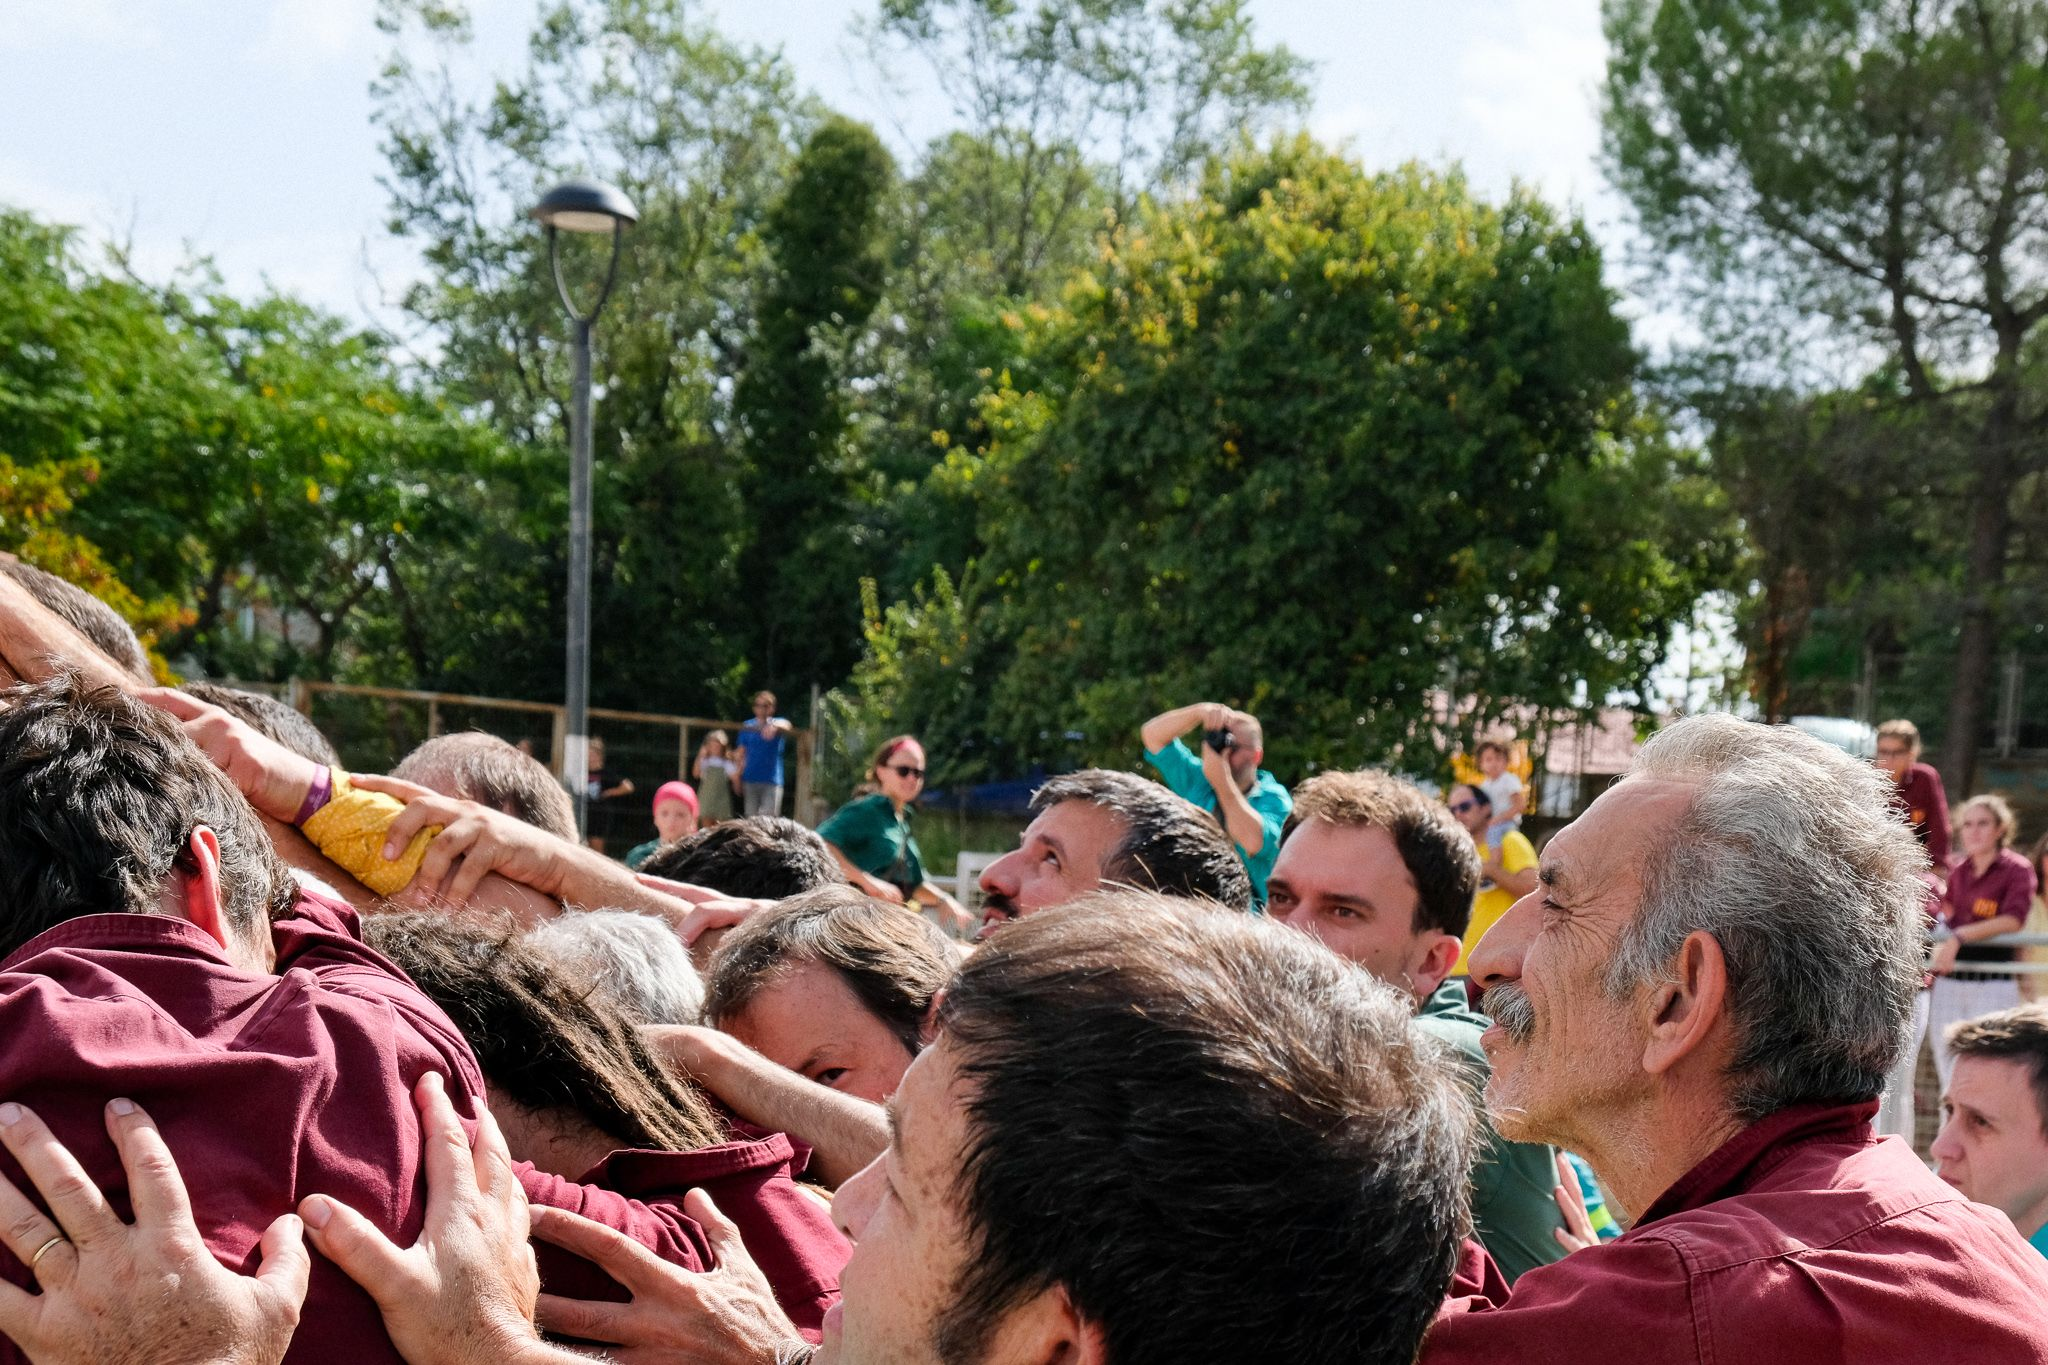 Trobada castellera a la plaça de la Cultura. Foto: Ale Gómez